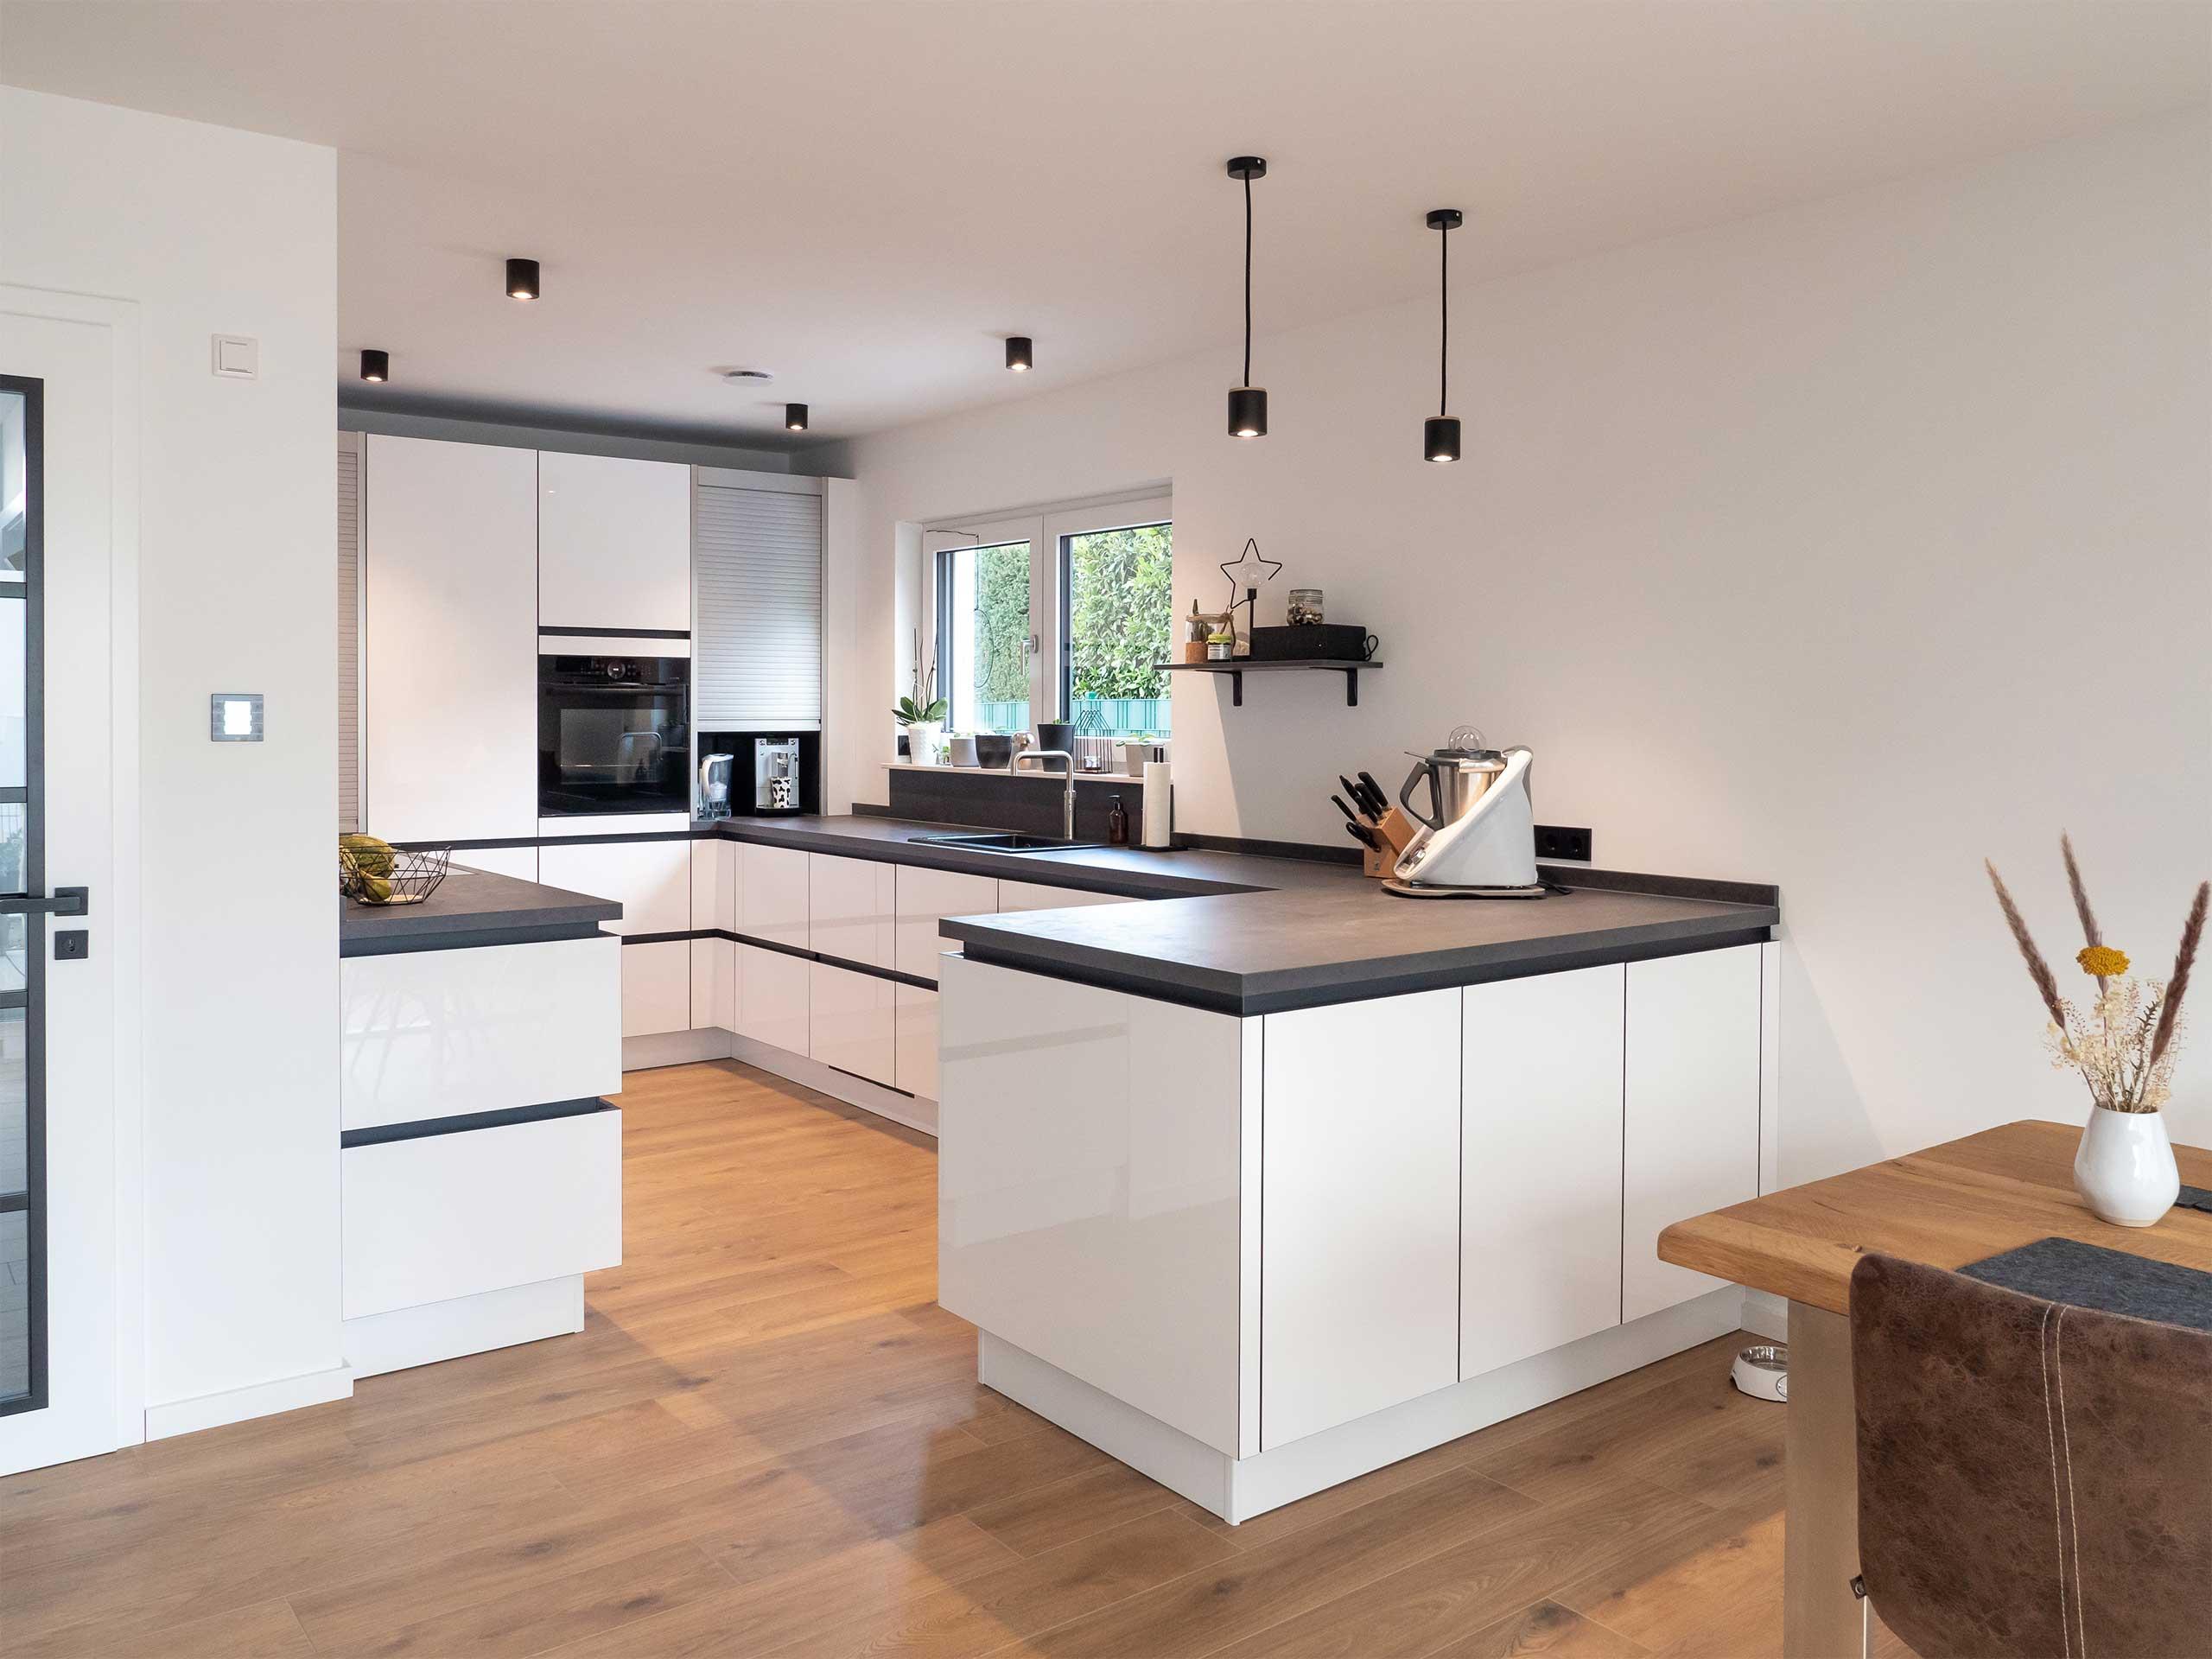 Die Deckenbeleuchtung einer modernen und hellen Küche steht im Vordergrund.